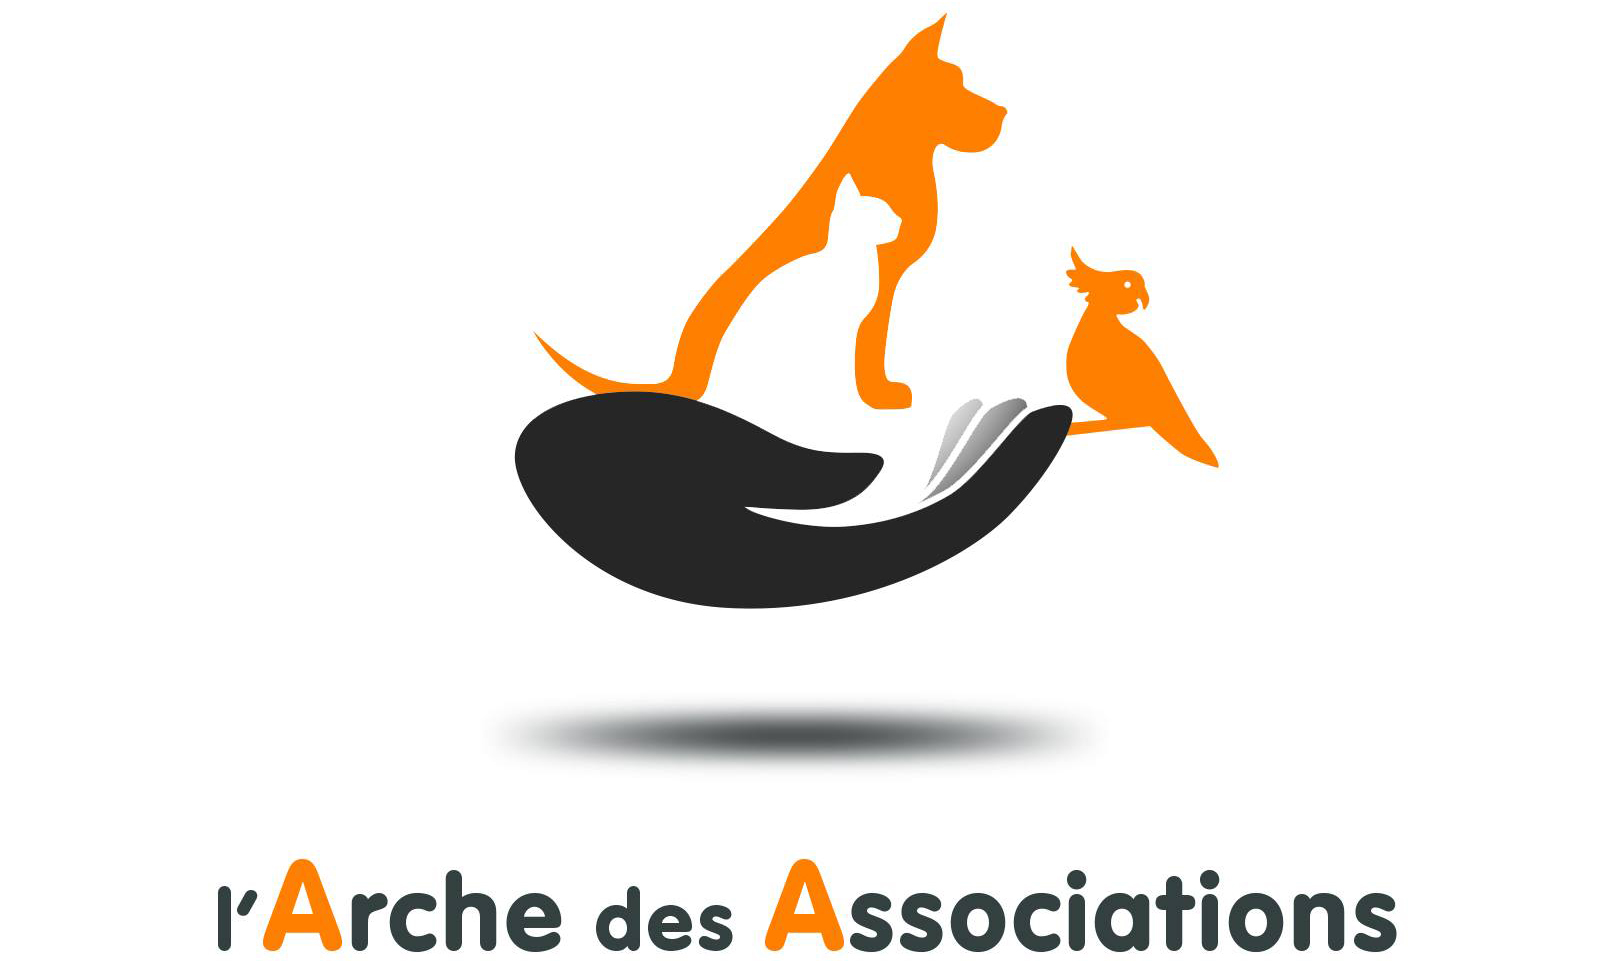 Arche des Association